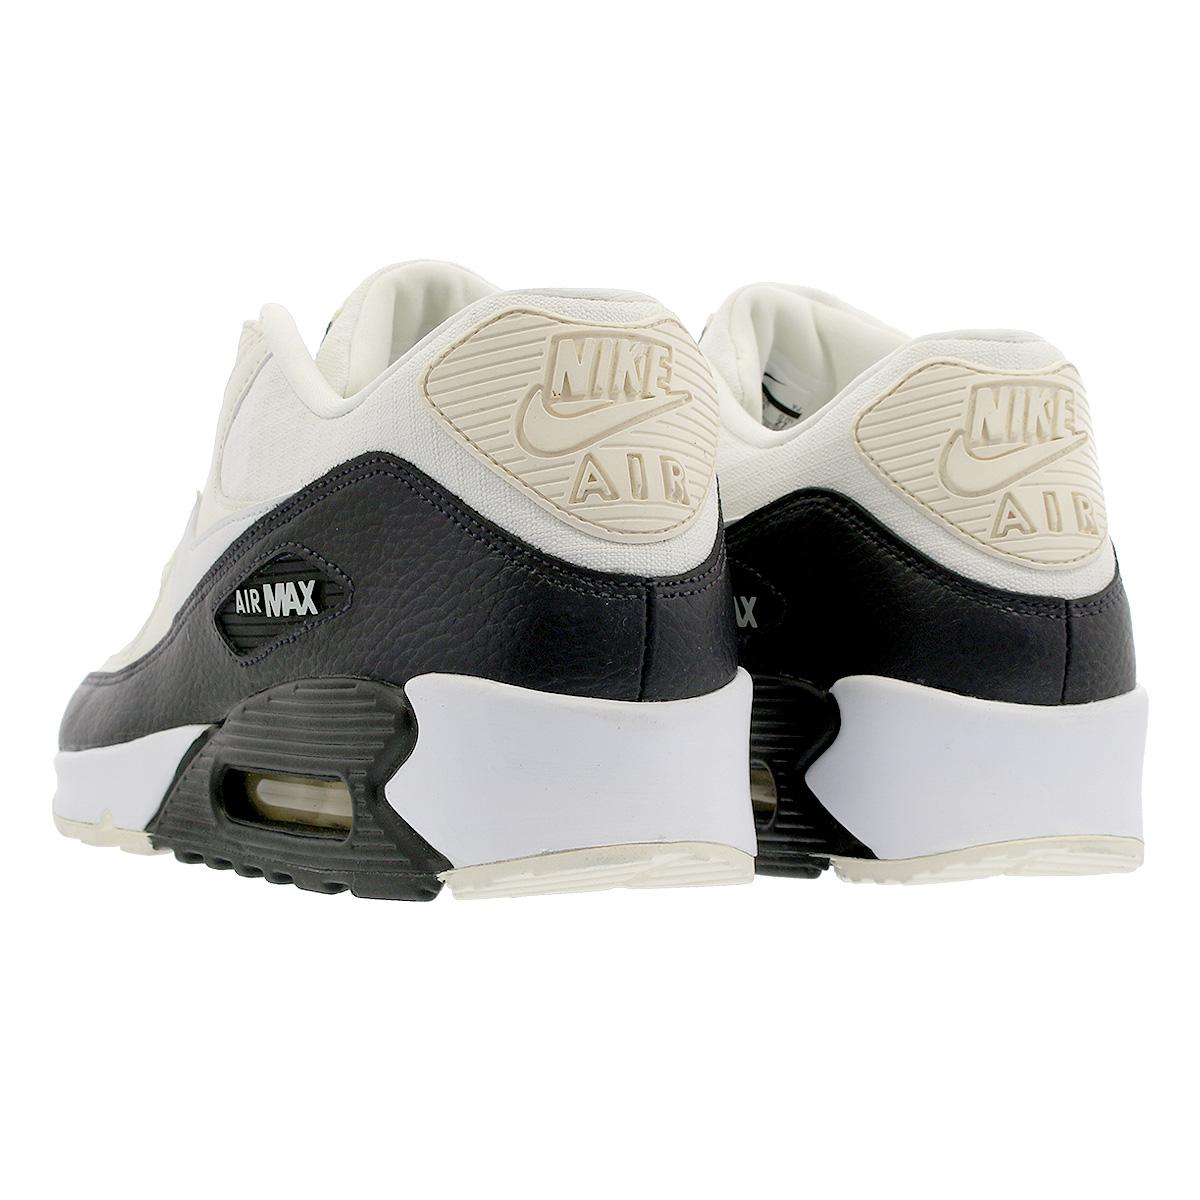 f23e7fa751 ... NIKE WMNS AIR MAX 90 Nike women Air Max 90 PALE IVORY/SUMMIT WHITE/ ...